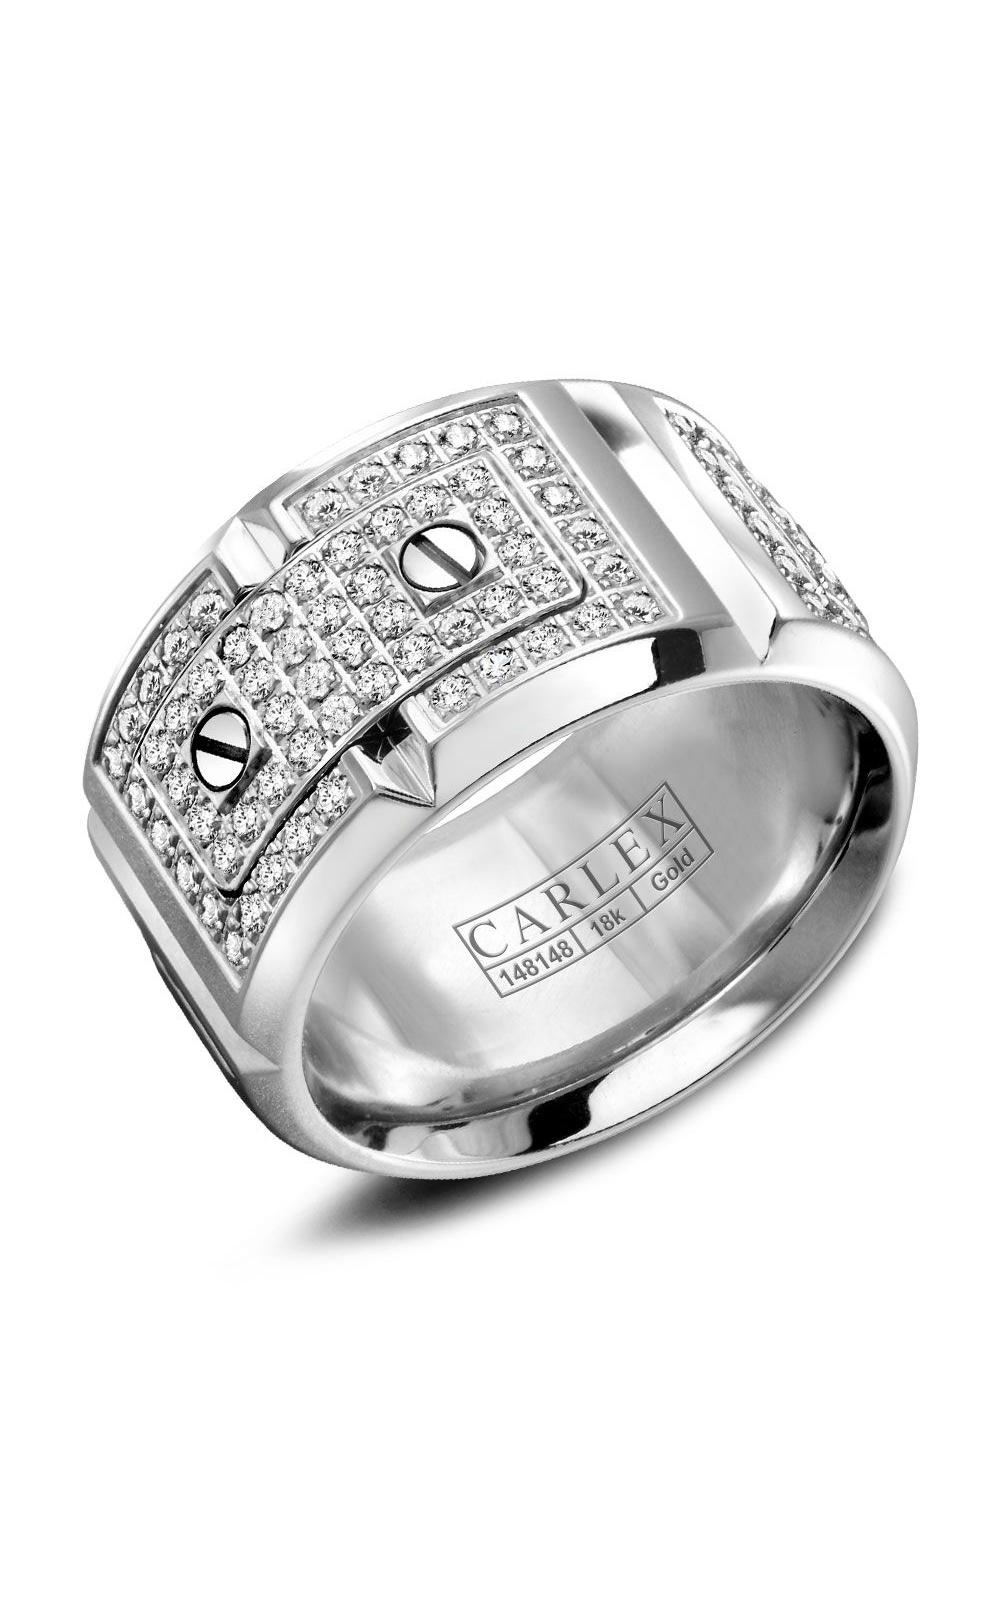 Carlex G2 WB-9895WW product image